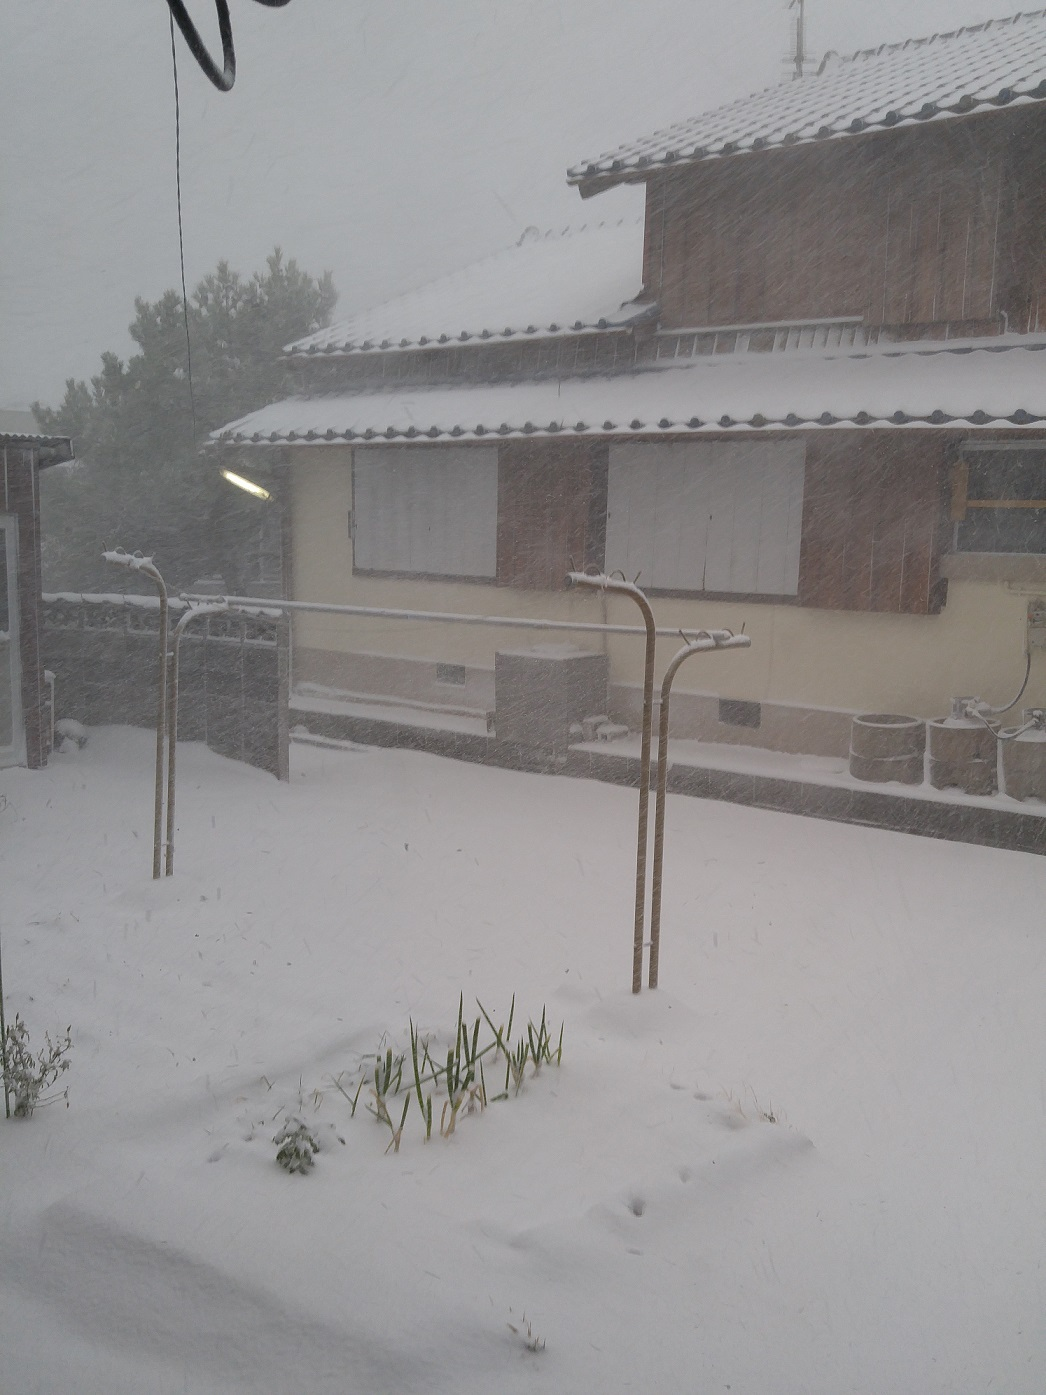 南の島で数十年ぶりの大雪!?